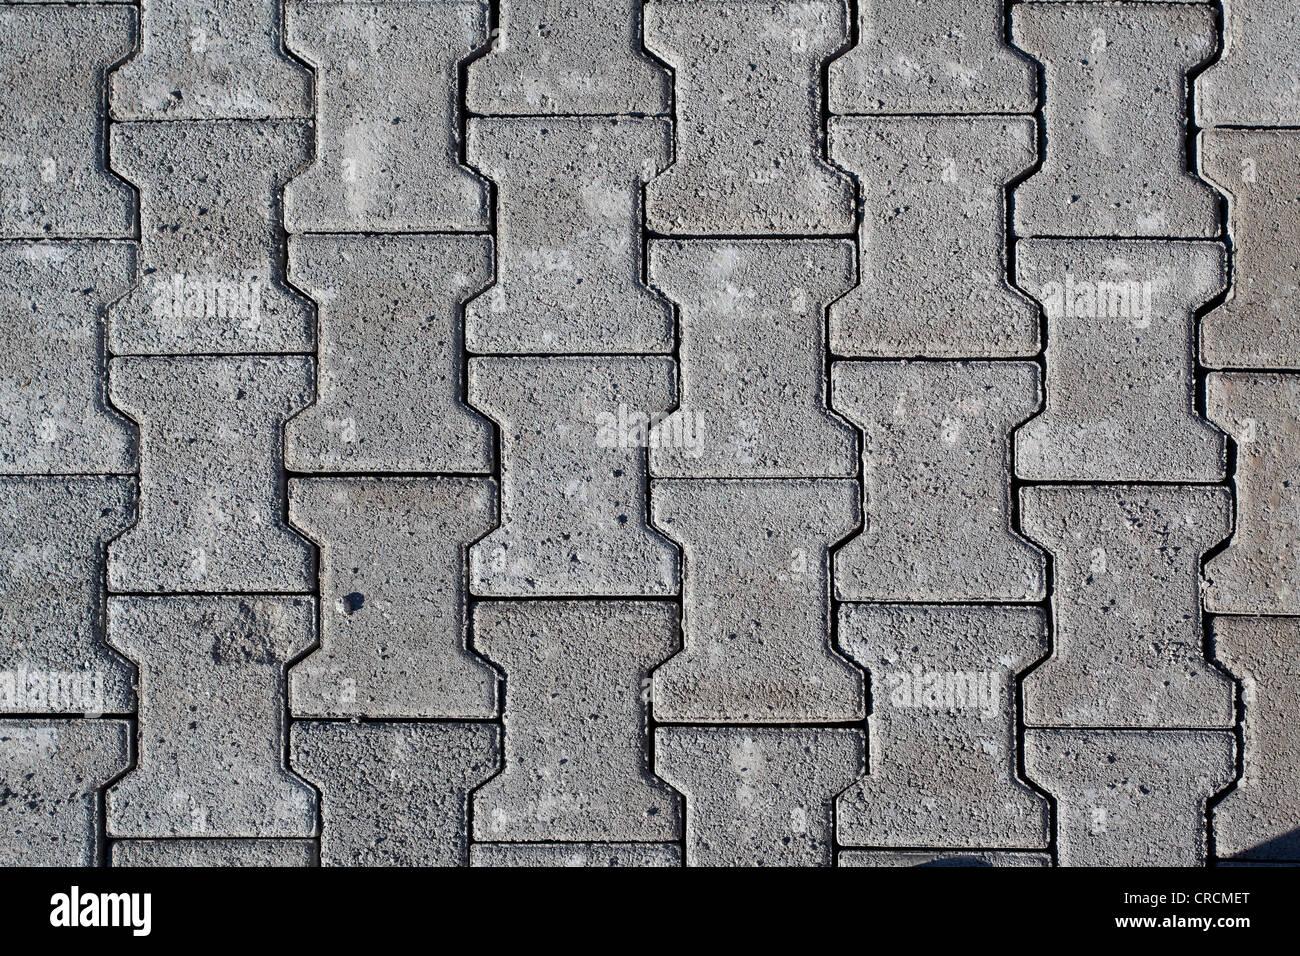 Exterior Concrete Paving Texture